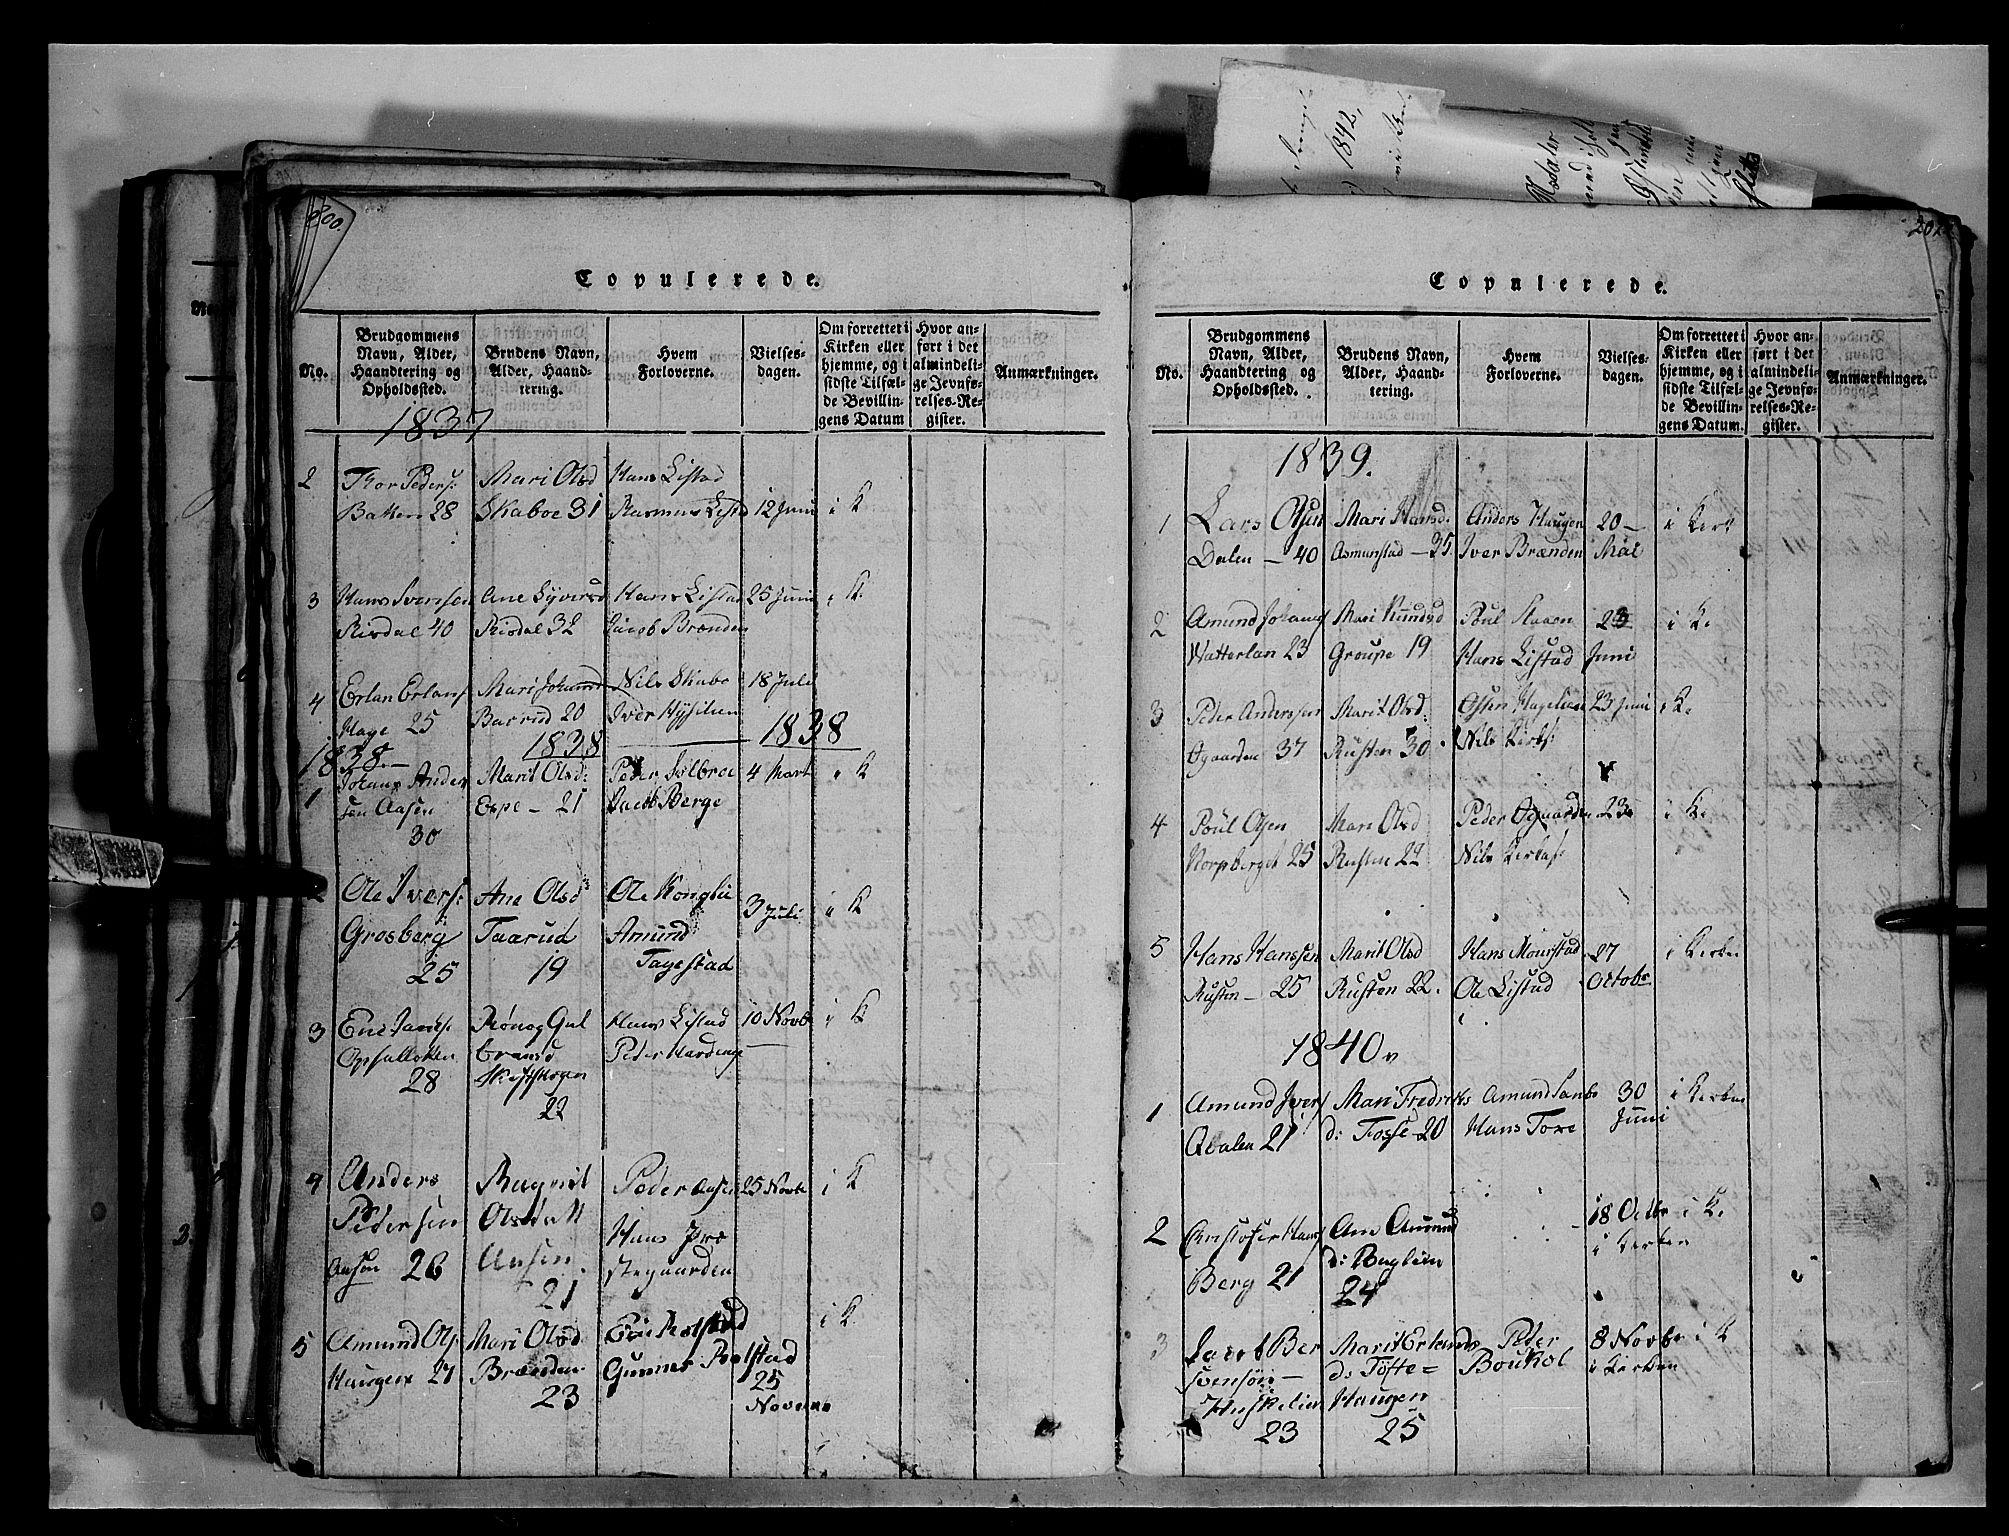 SAH, Fron prestekontor, H/Ha/Hab/L0003: Parish register (copy) no. 3, 1816-1850, p. 201